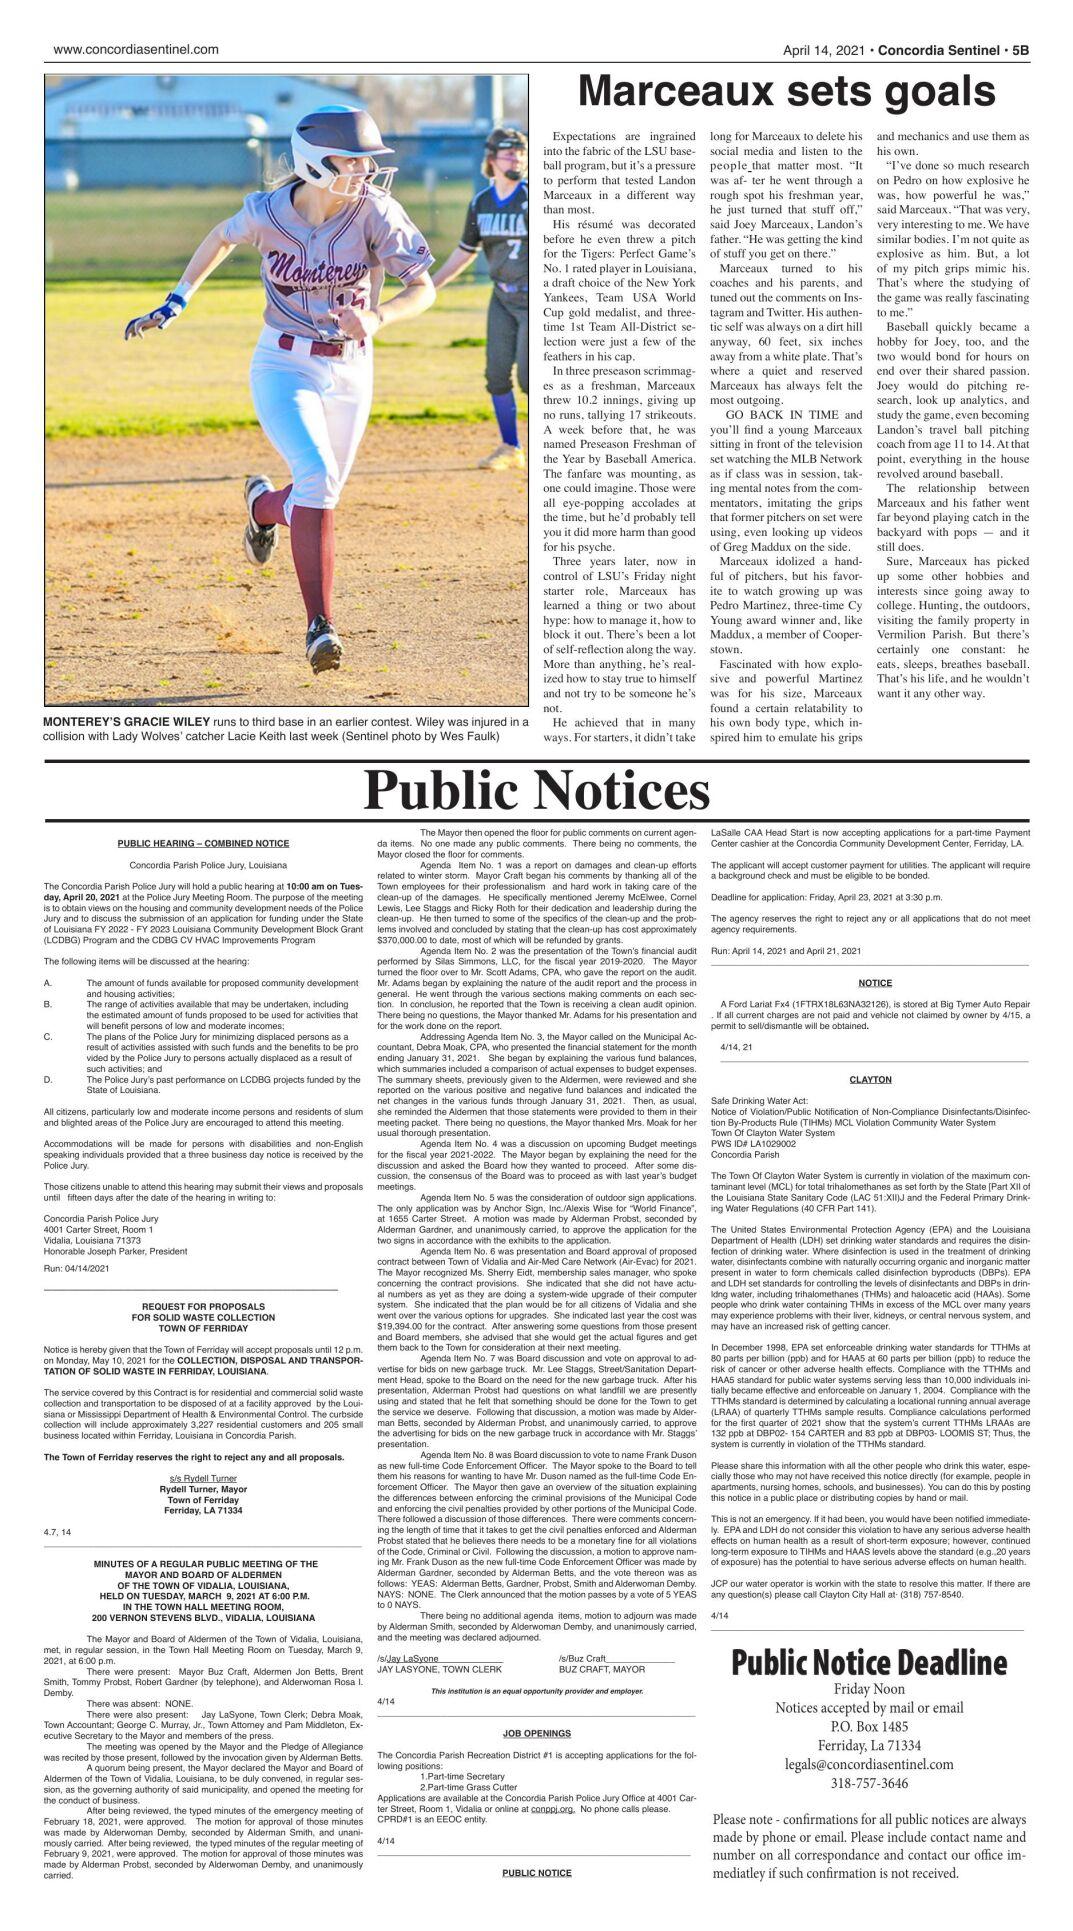 Public Notices - April 14, 2021